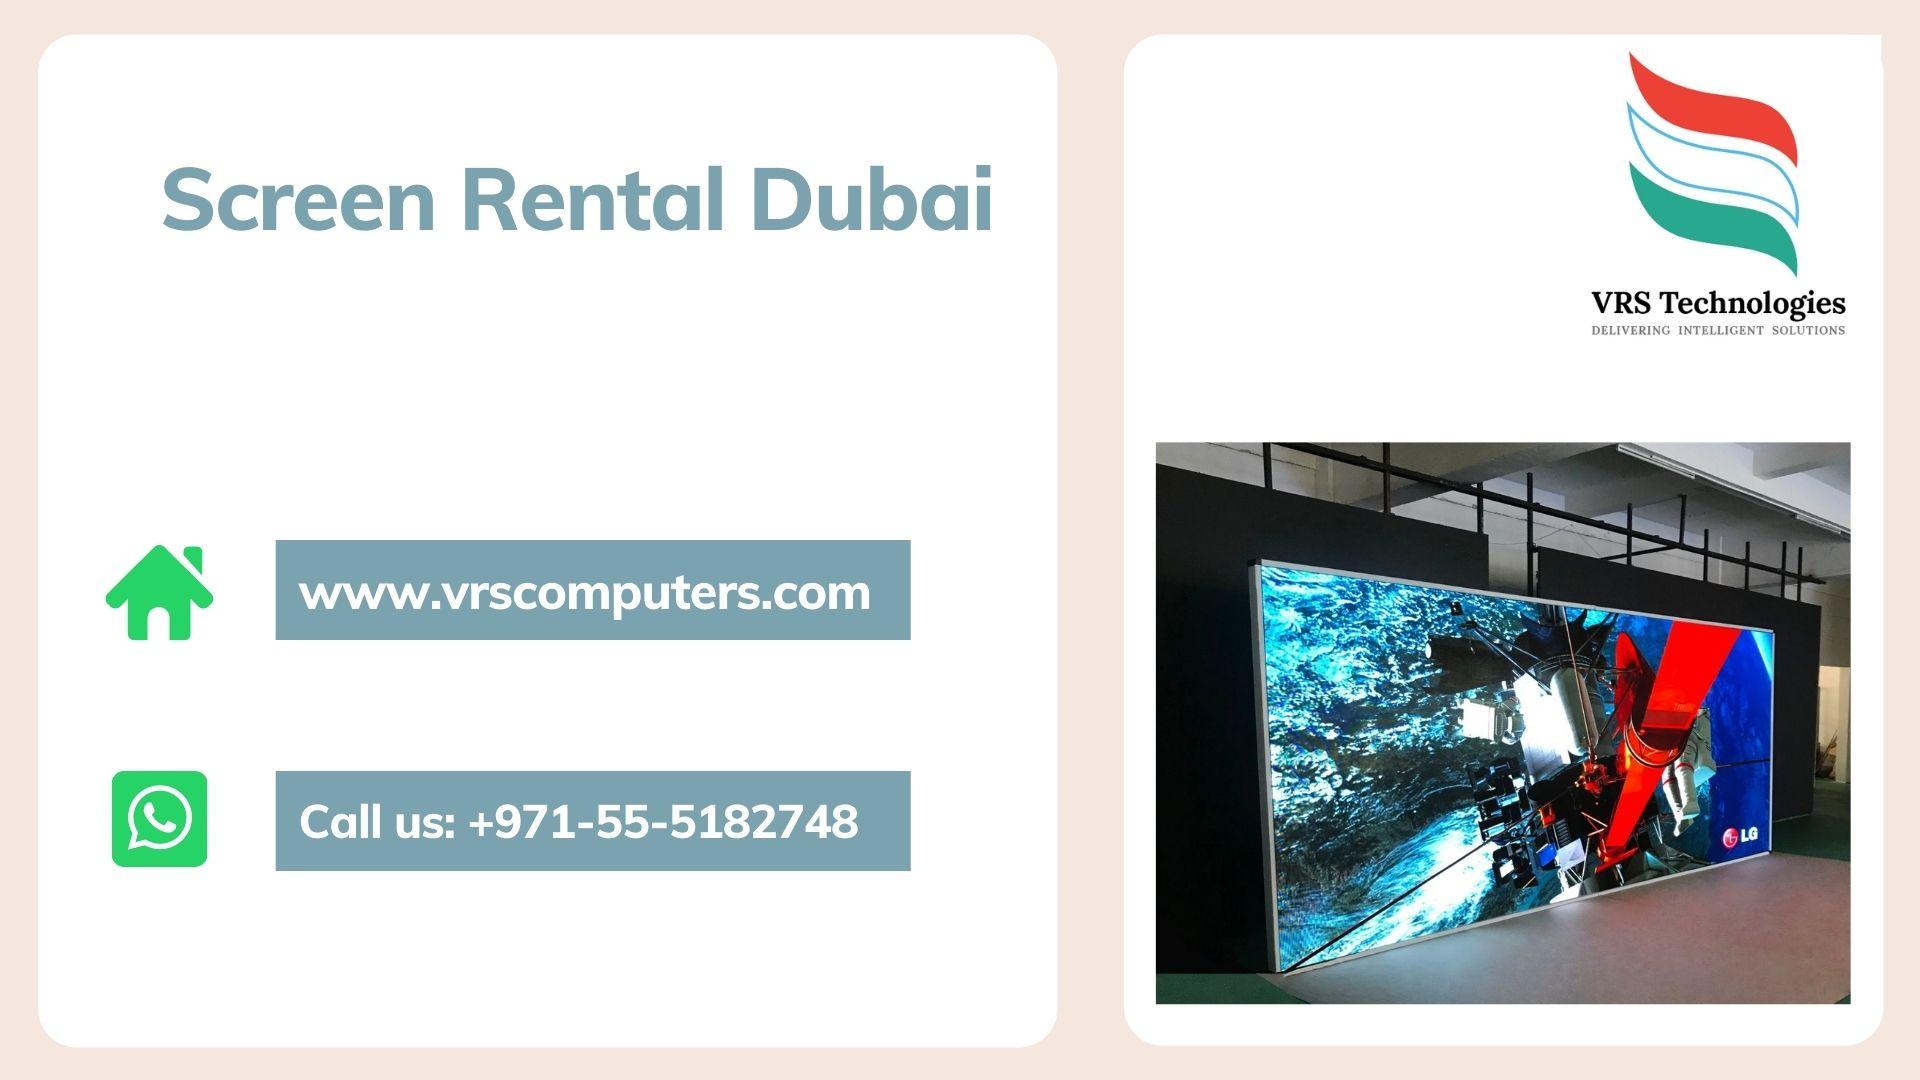 Screen-Rental-Dubai.jpg